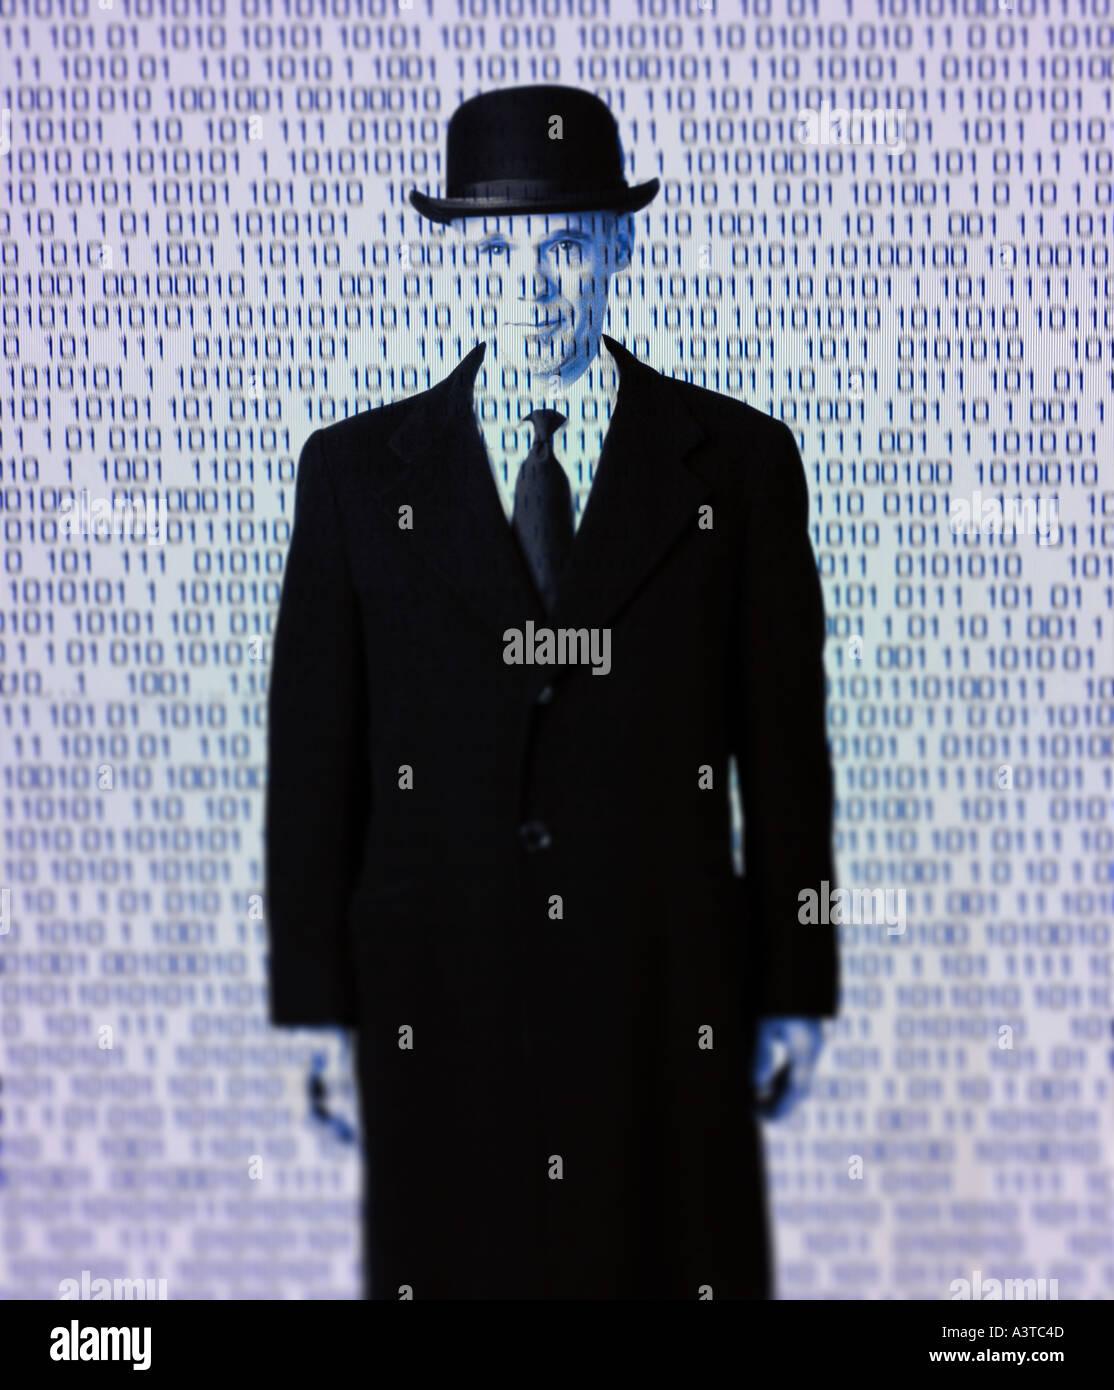 Uomo in cappello bowler con binari informazioni sul computer il codice come un Rene Magritte style omaggio computer concetto robot Immagini Stock